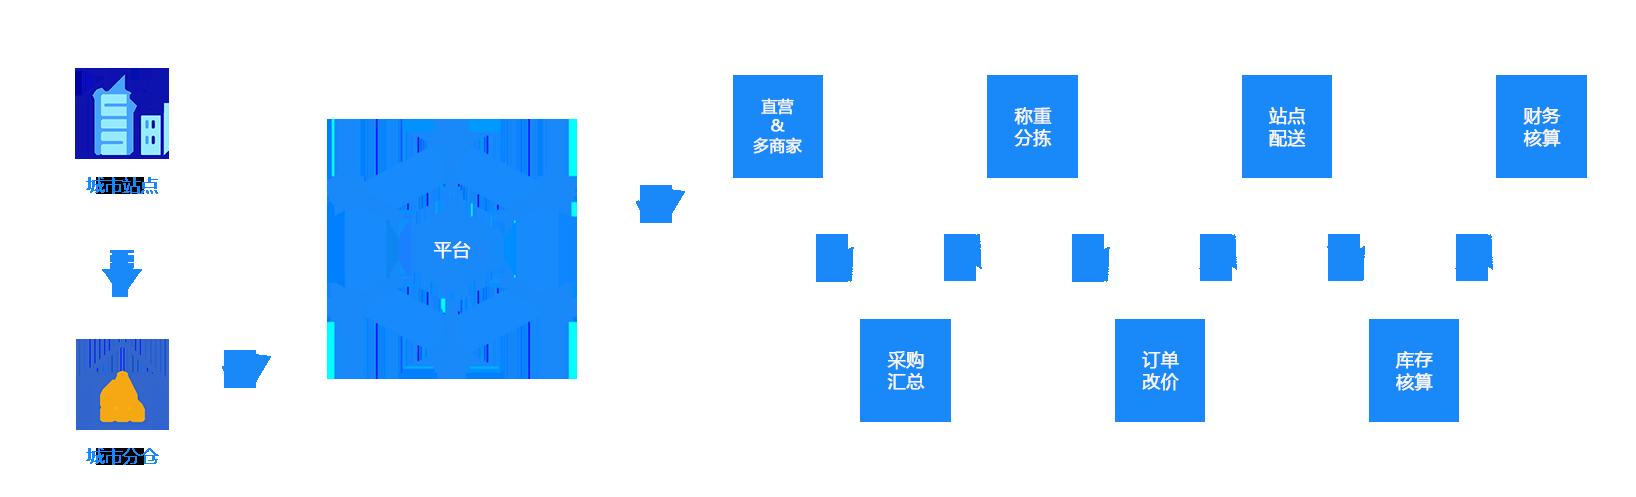 生鲜业务流程图